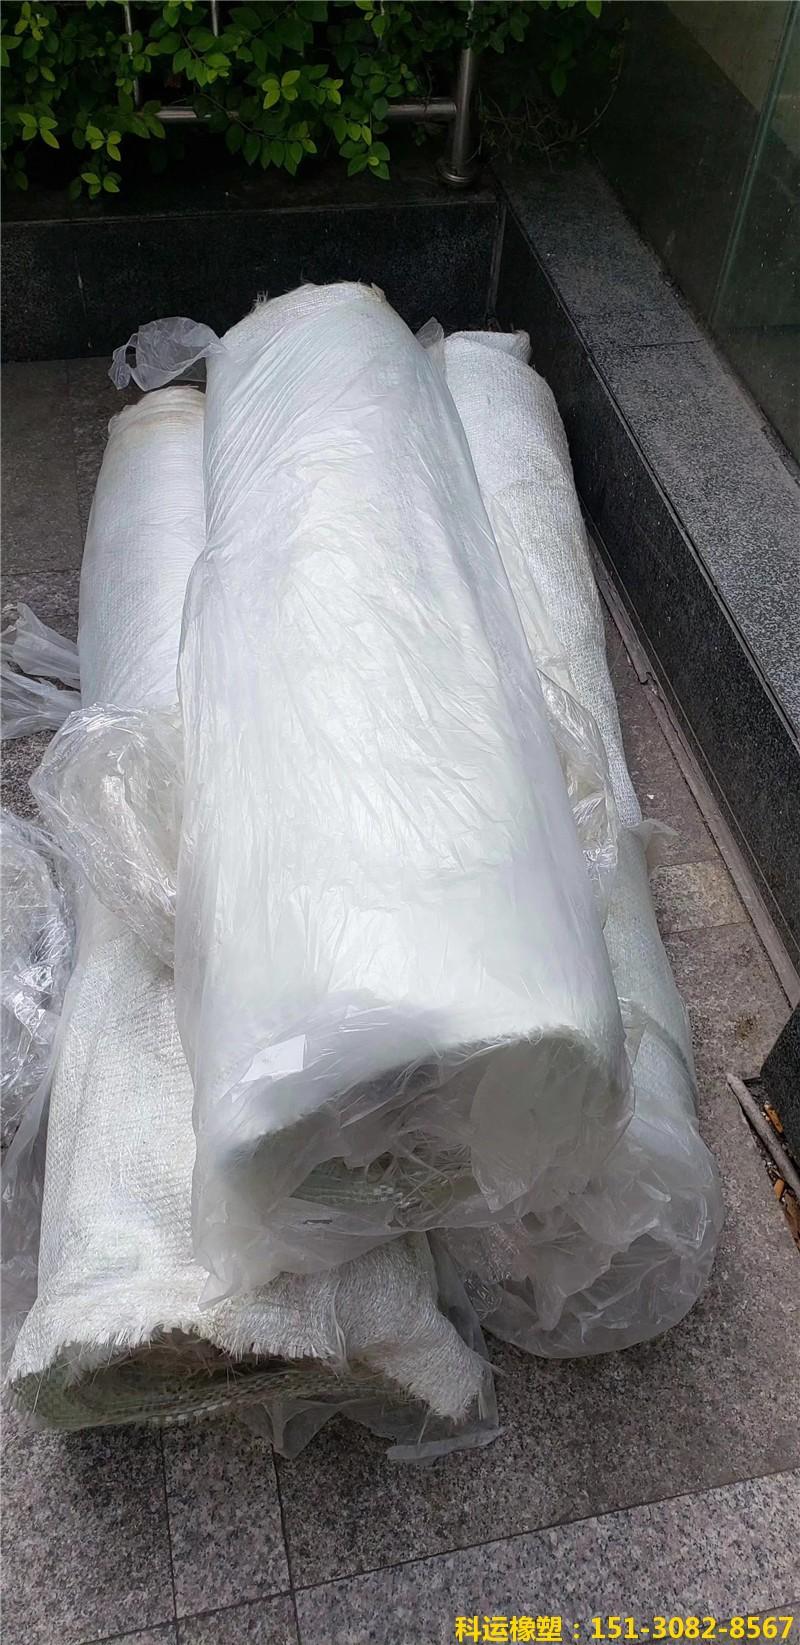 非开发管道局部修复树脂 cipp树脂 AB组份CIPP树脂25公斤装3